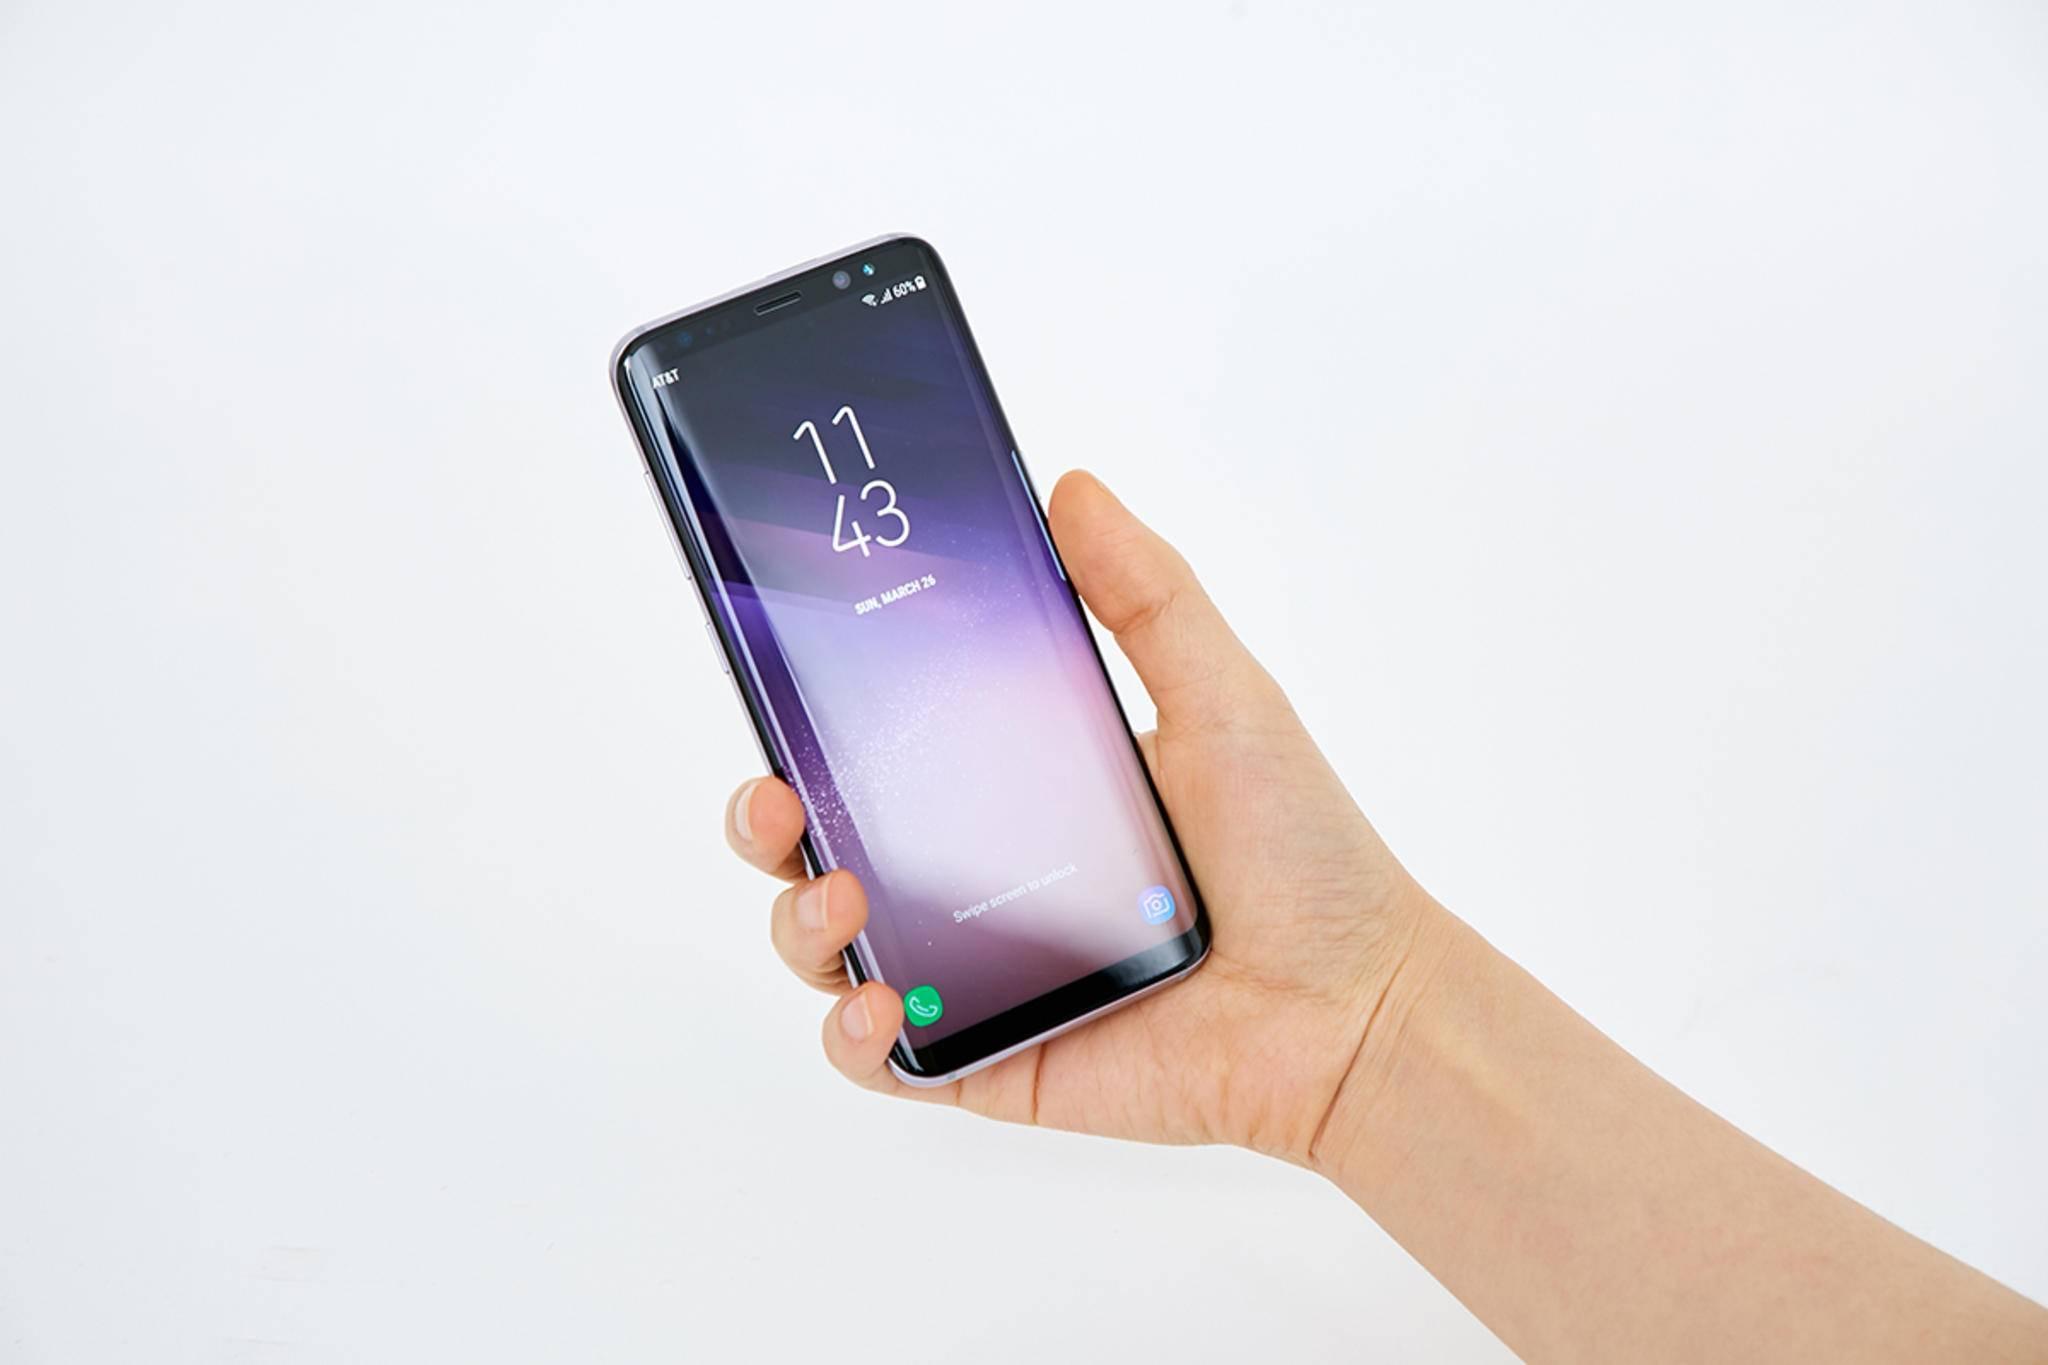 Der Fortschritt des Galaxy S8 gegenüber dem Galaxy S3 ist deutlich zu erkennen.